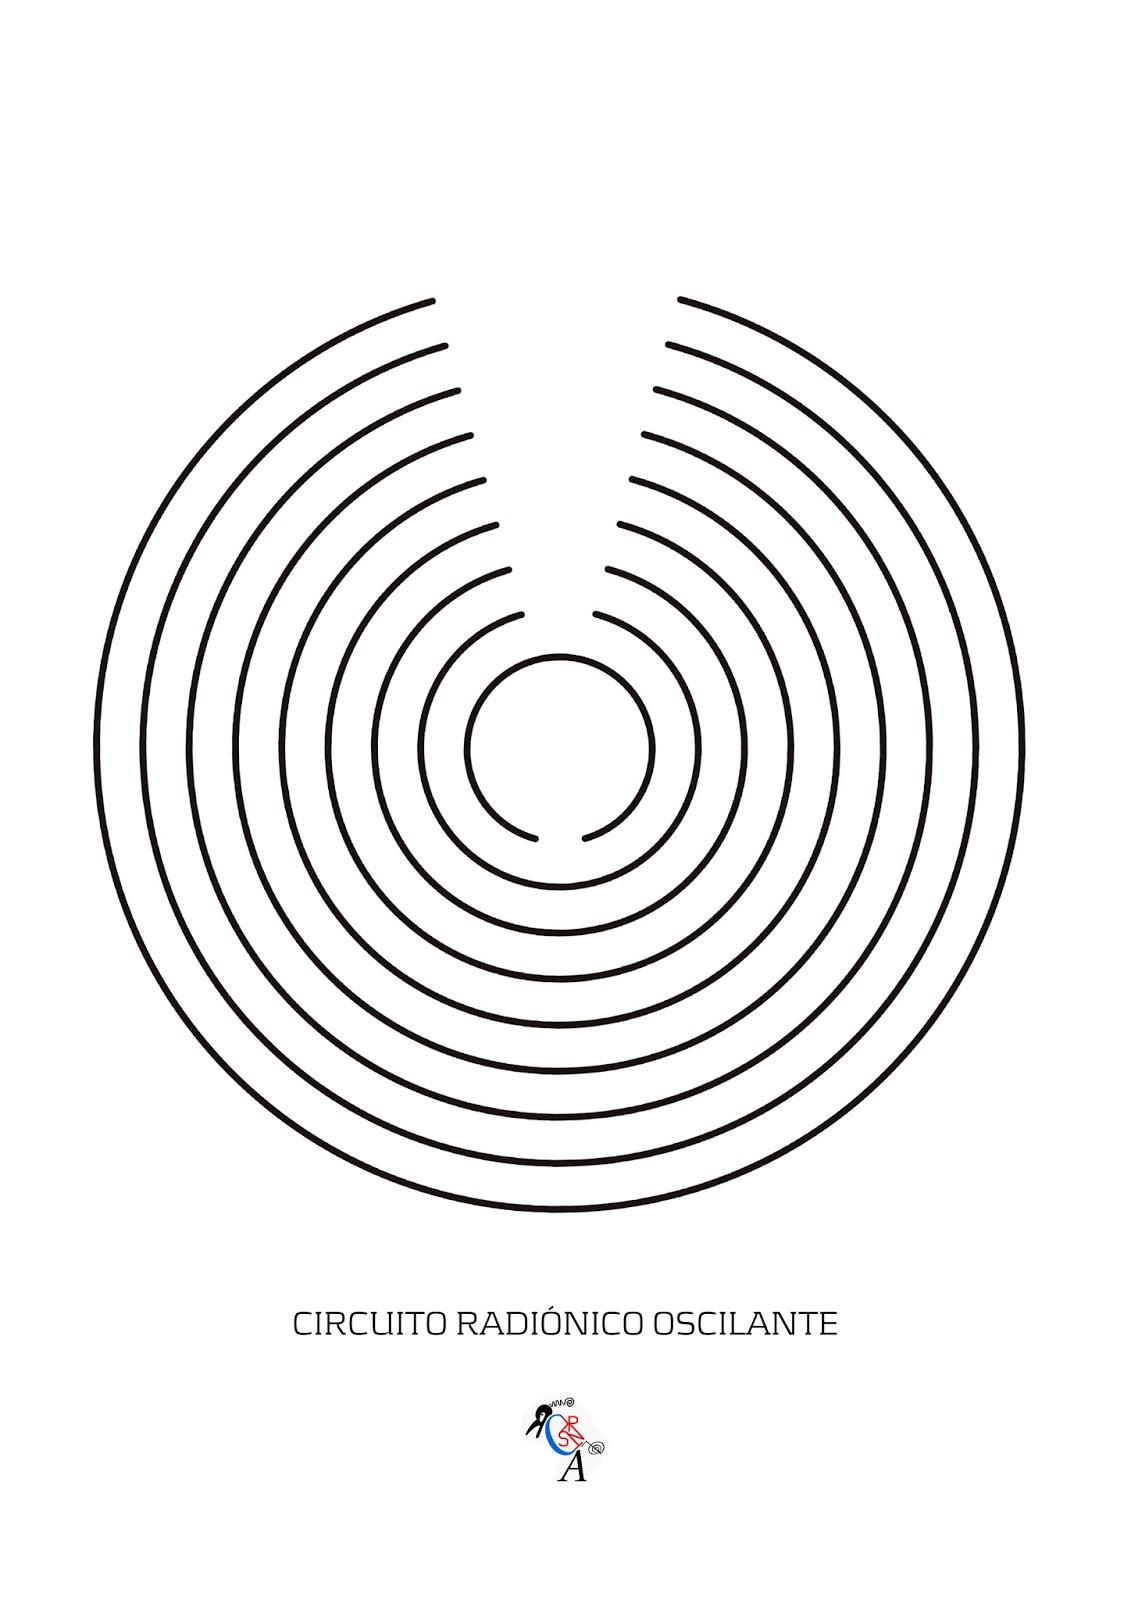 Circuito Fisico : Circuito para quemar grasa catalina acevedo